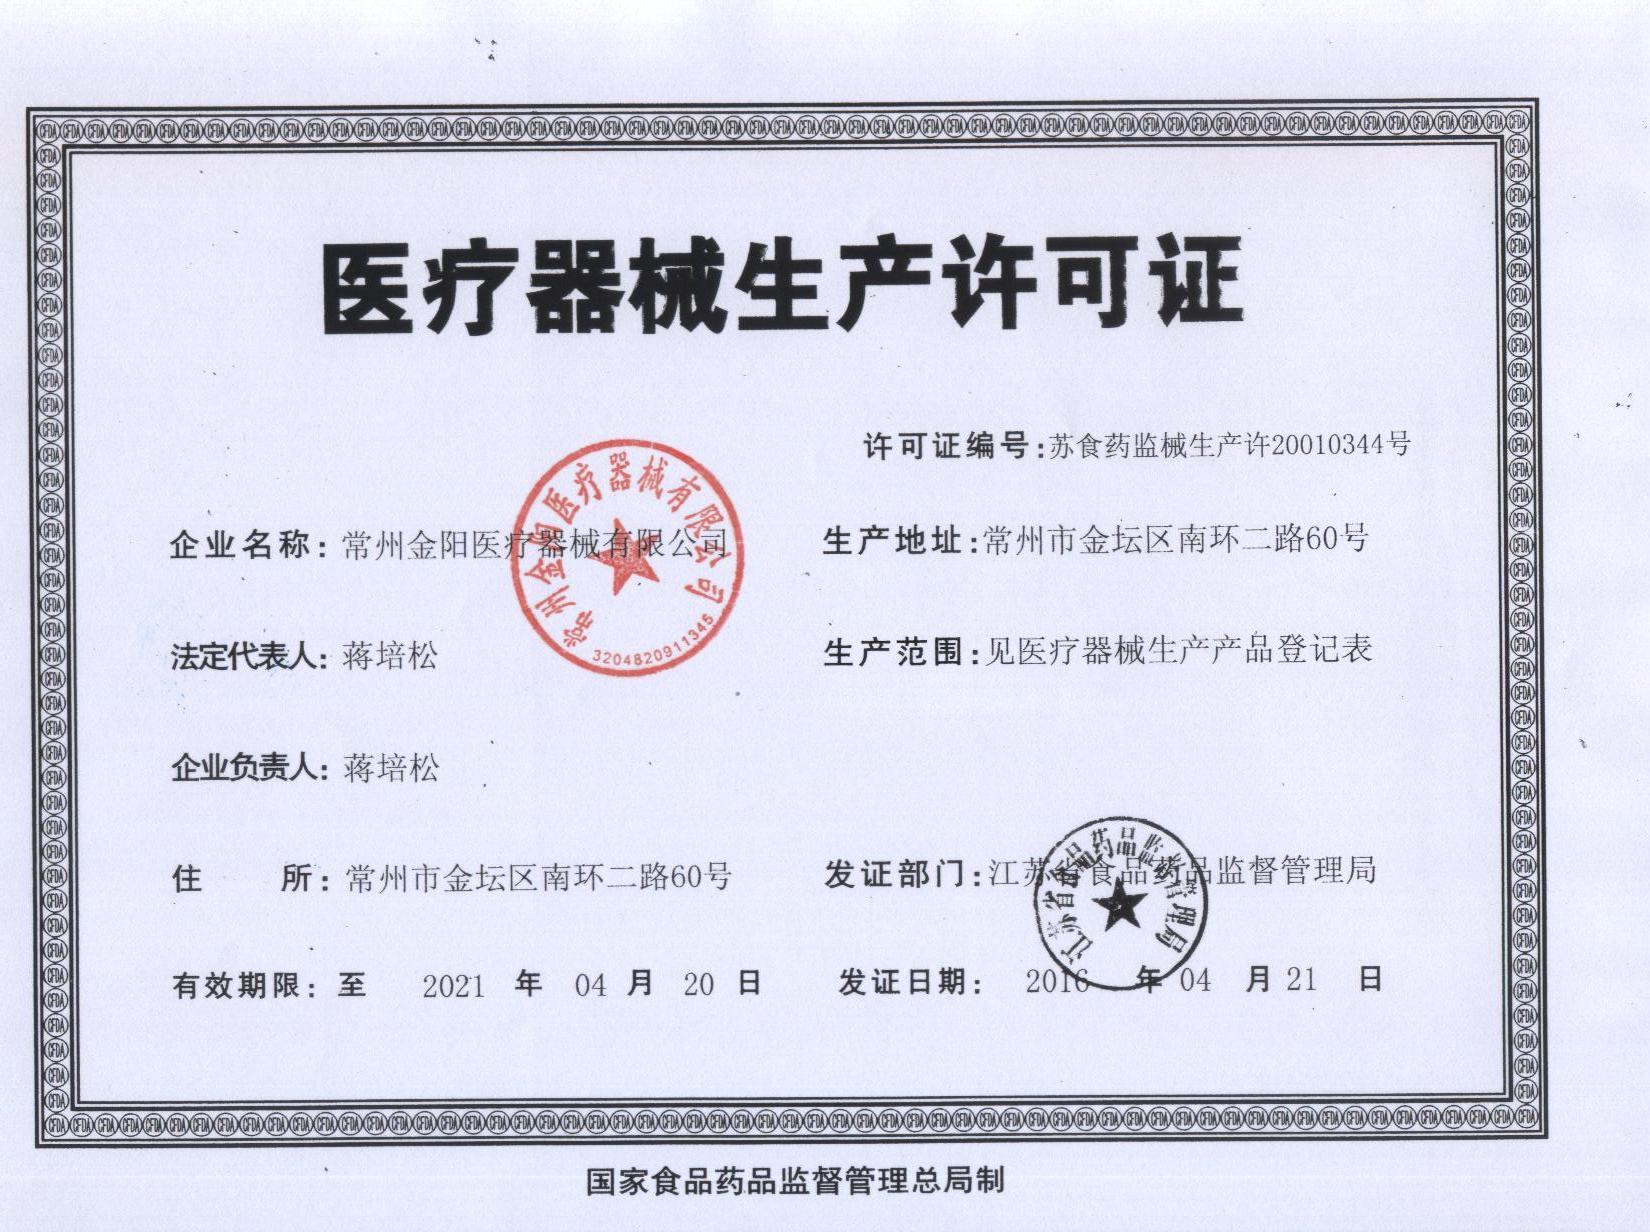 CFDA License- Su Shi Yao Jian Xie Sheng Chan Xu 20010344